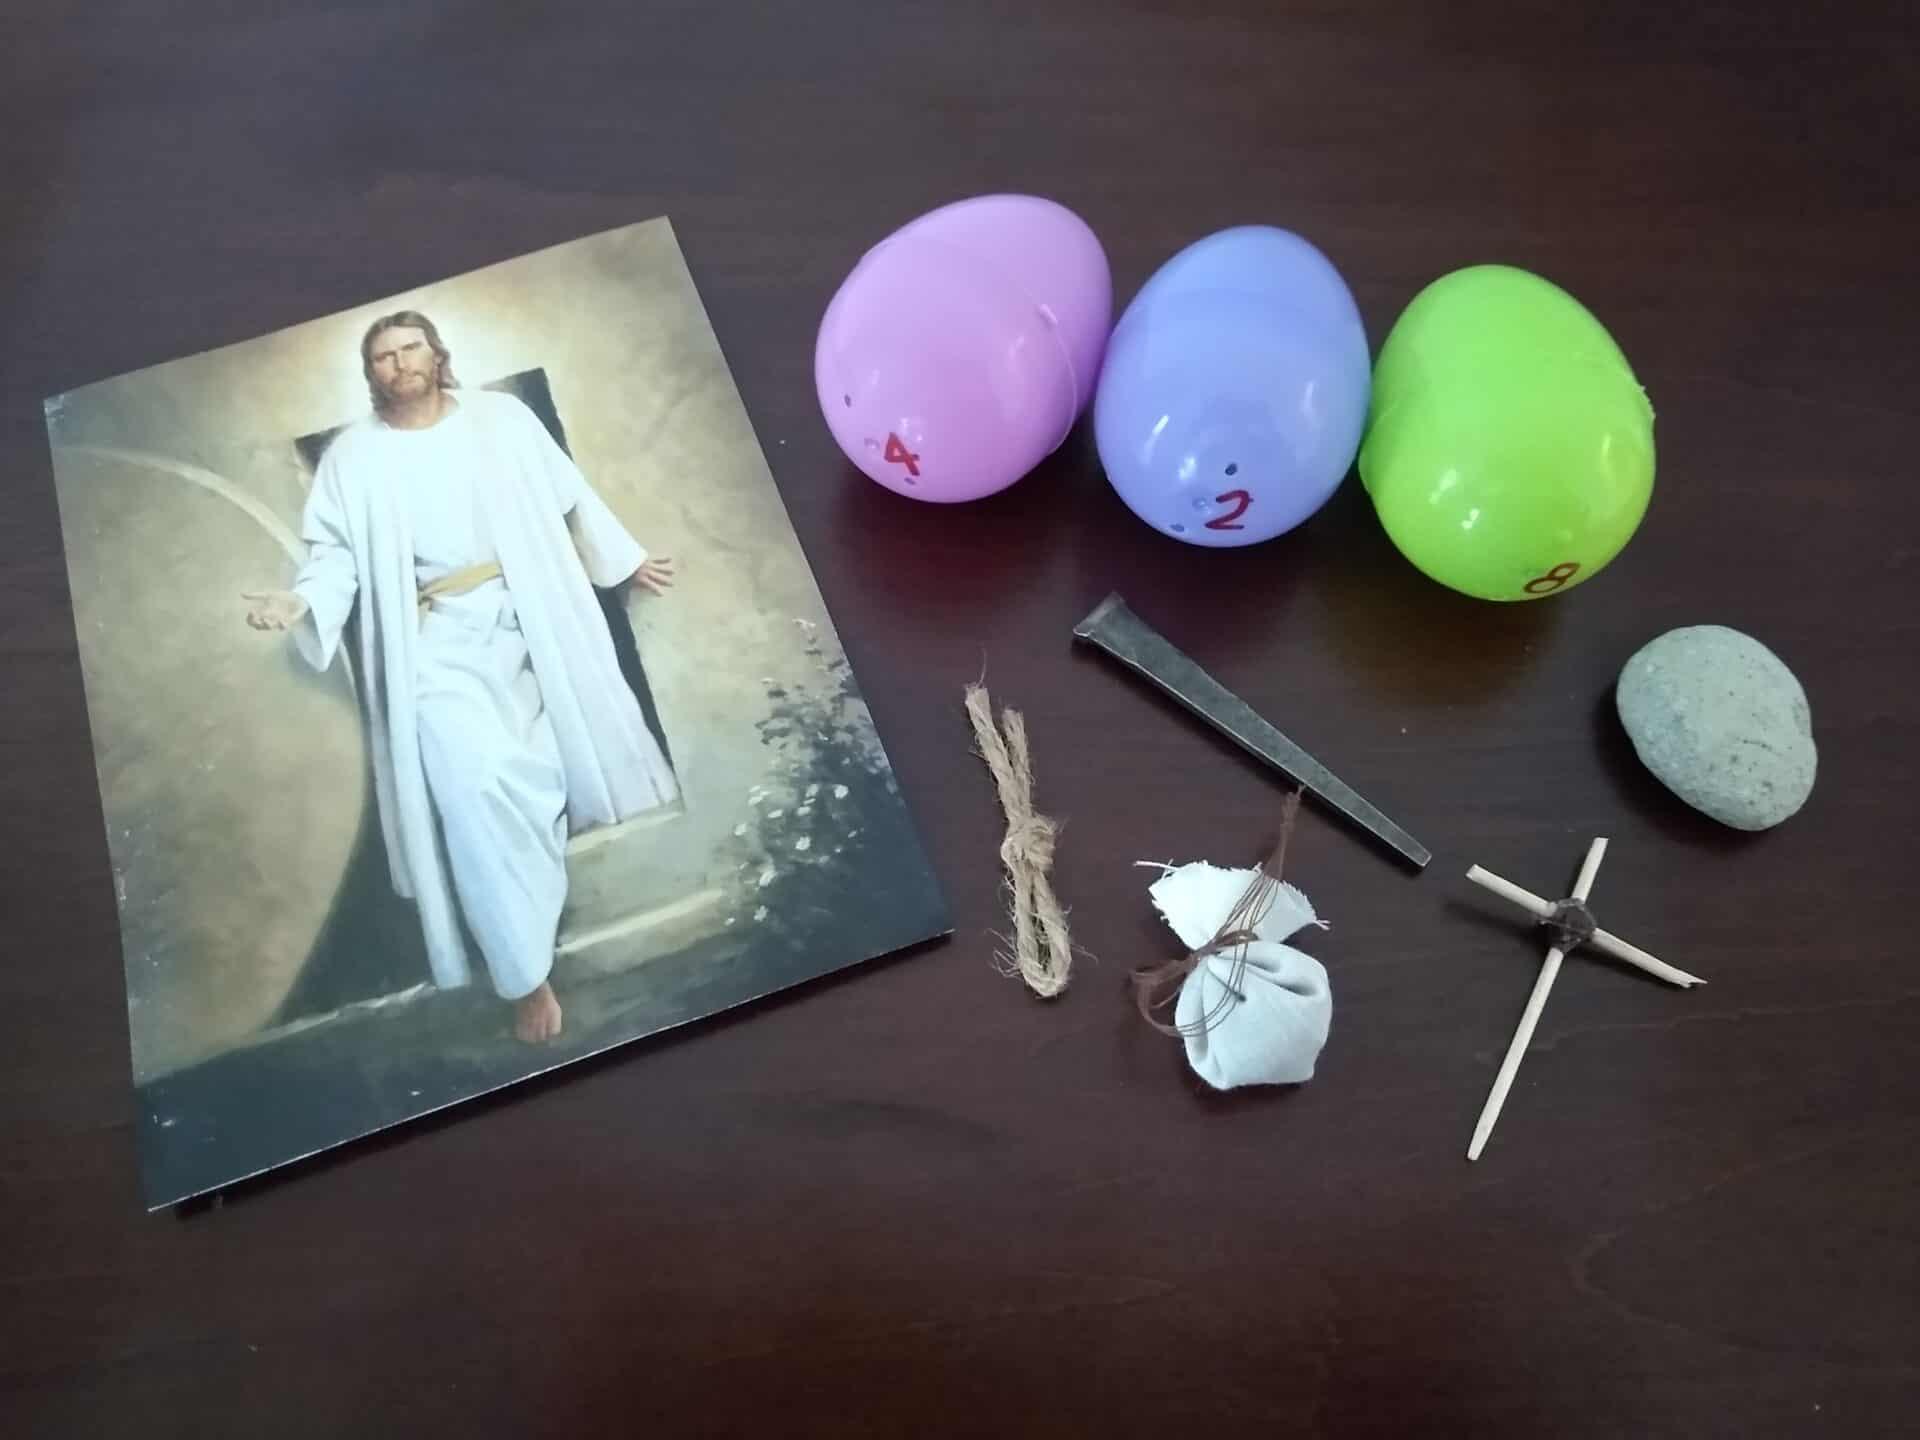 Christ-Centered Easter Egg Hunt